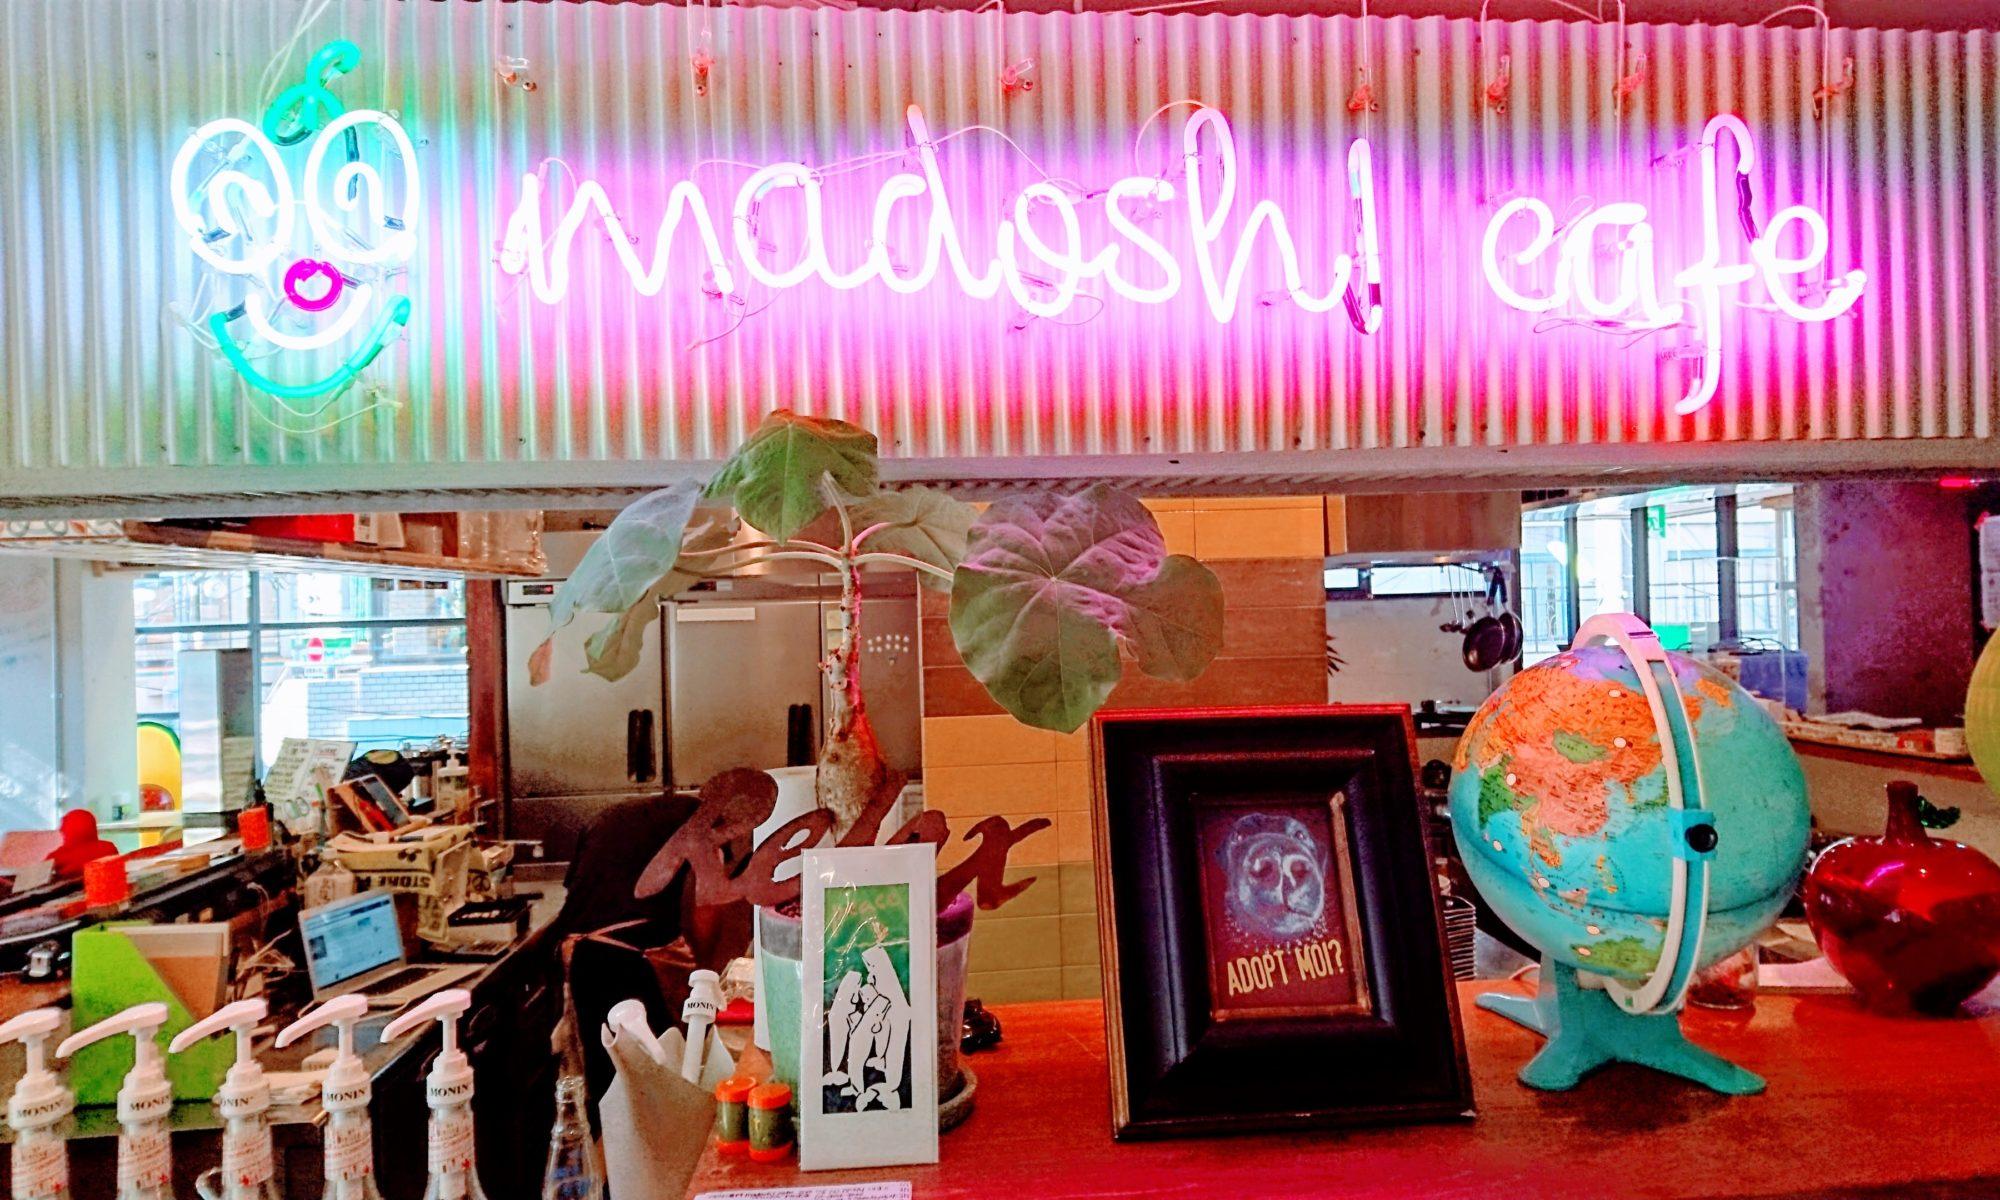 アボカドを愛する皆さまのための店 アボカド料理専門店 アボカド屋マドッシュカフェ&立ち飲み屋 あぼ太郎 下北沢店